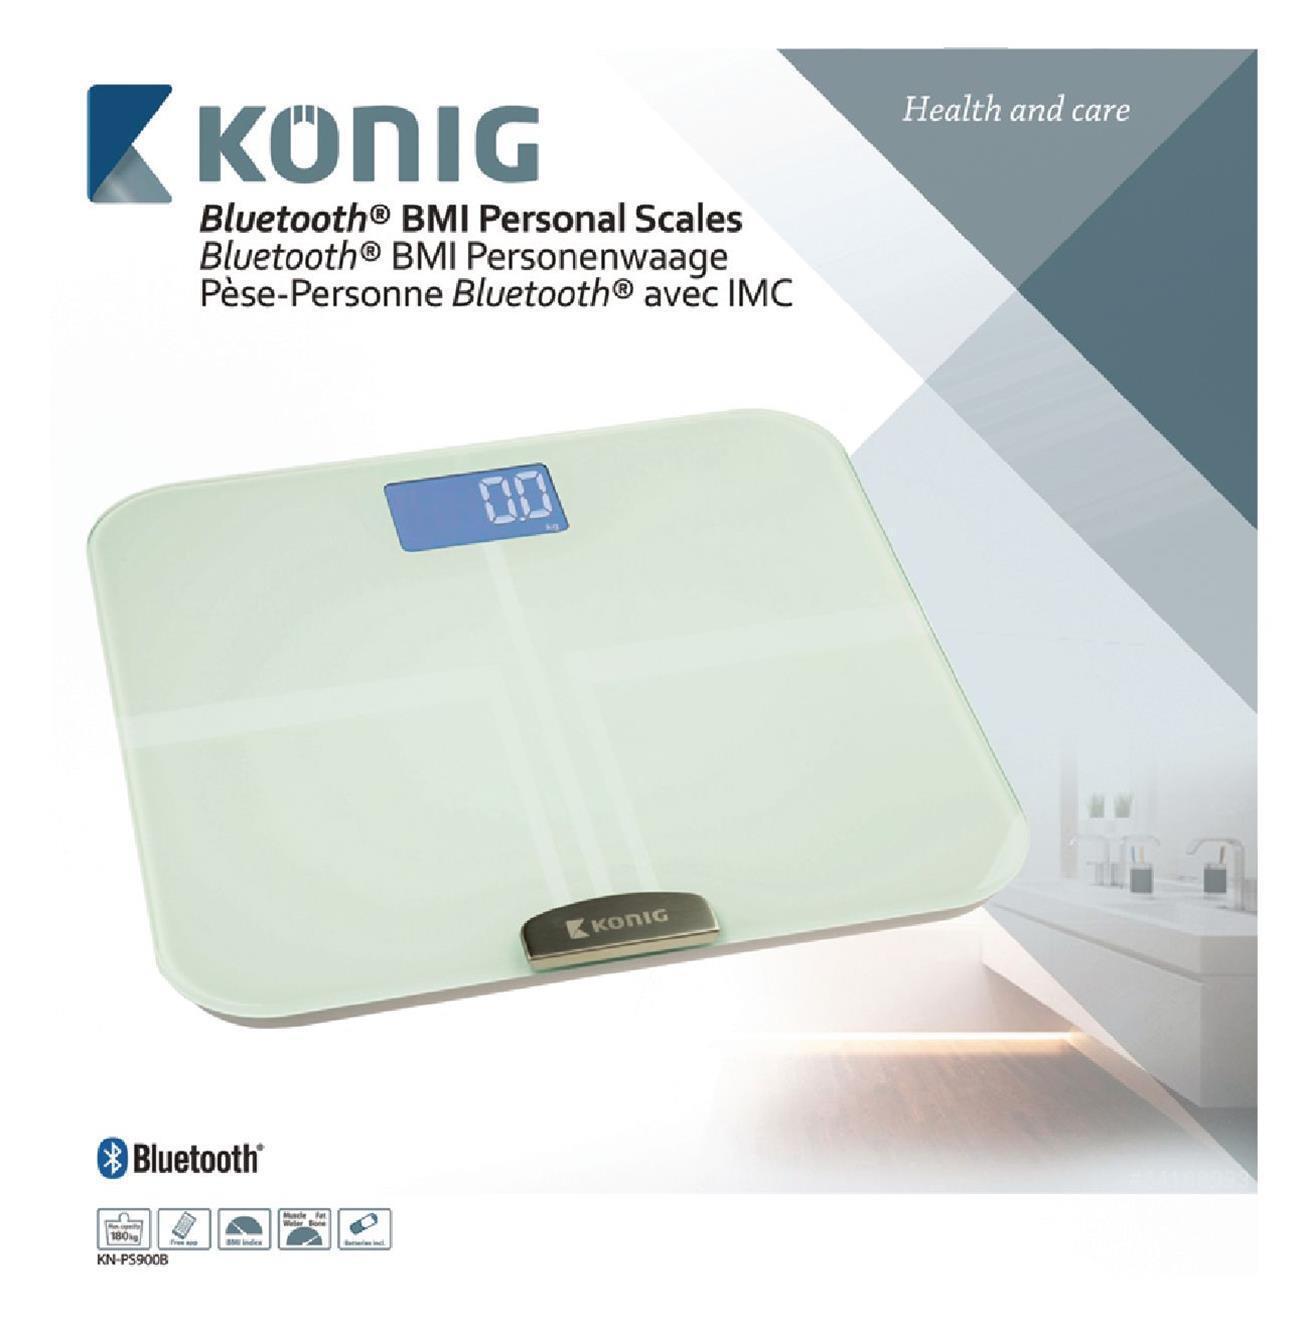 Konig Elegant Blautooth 4.0 Gesundheit Waage Bmi Bmr Gewicht Gewicht Gewicht Fett Wasser 8c0240